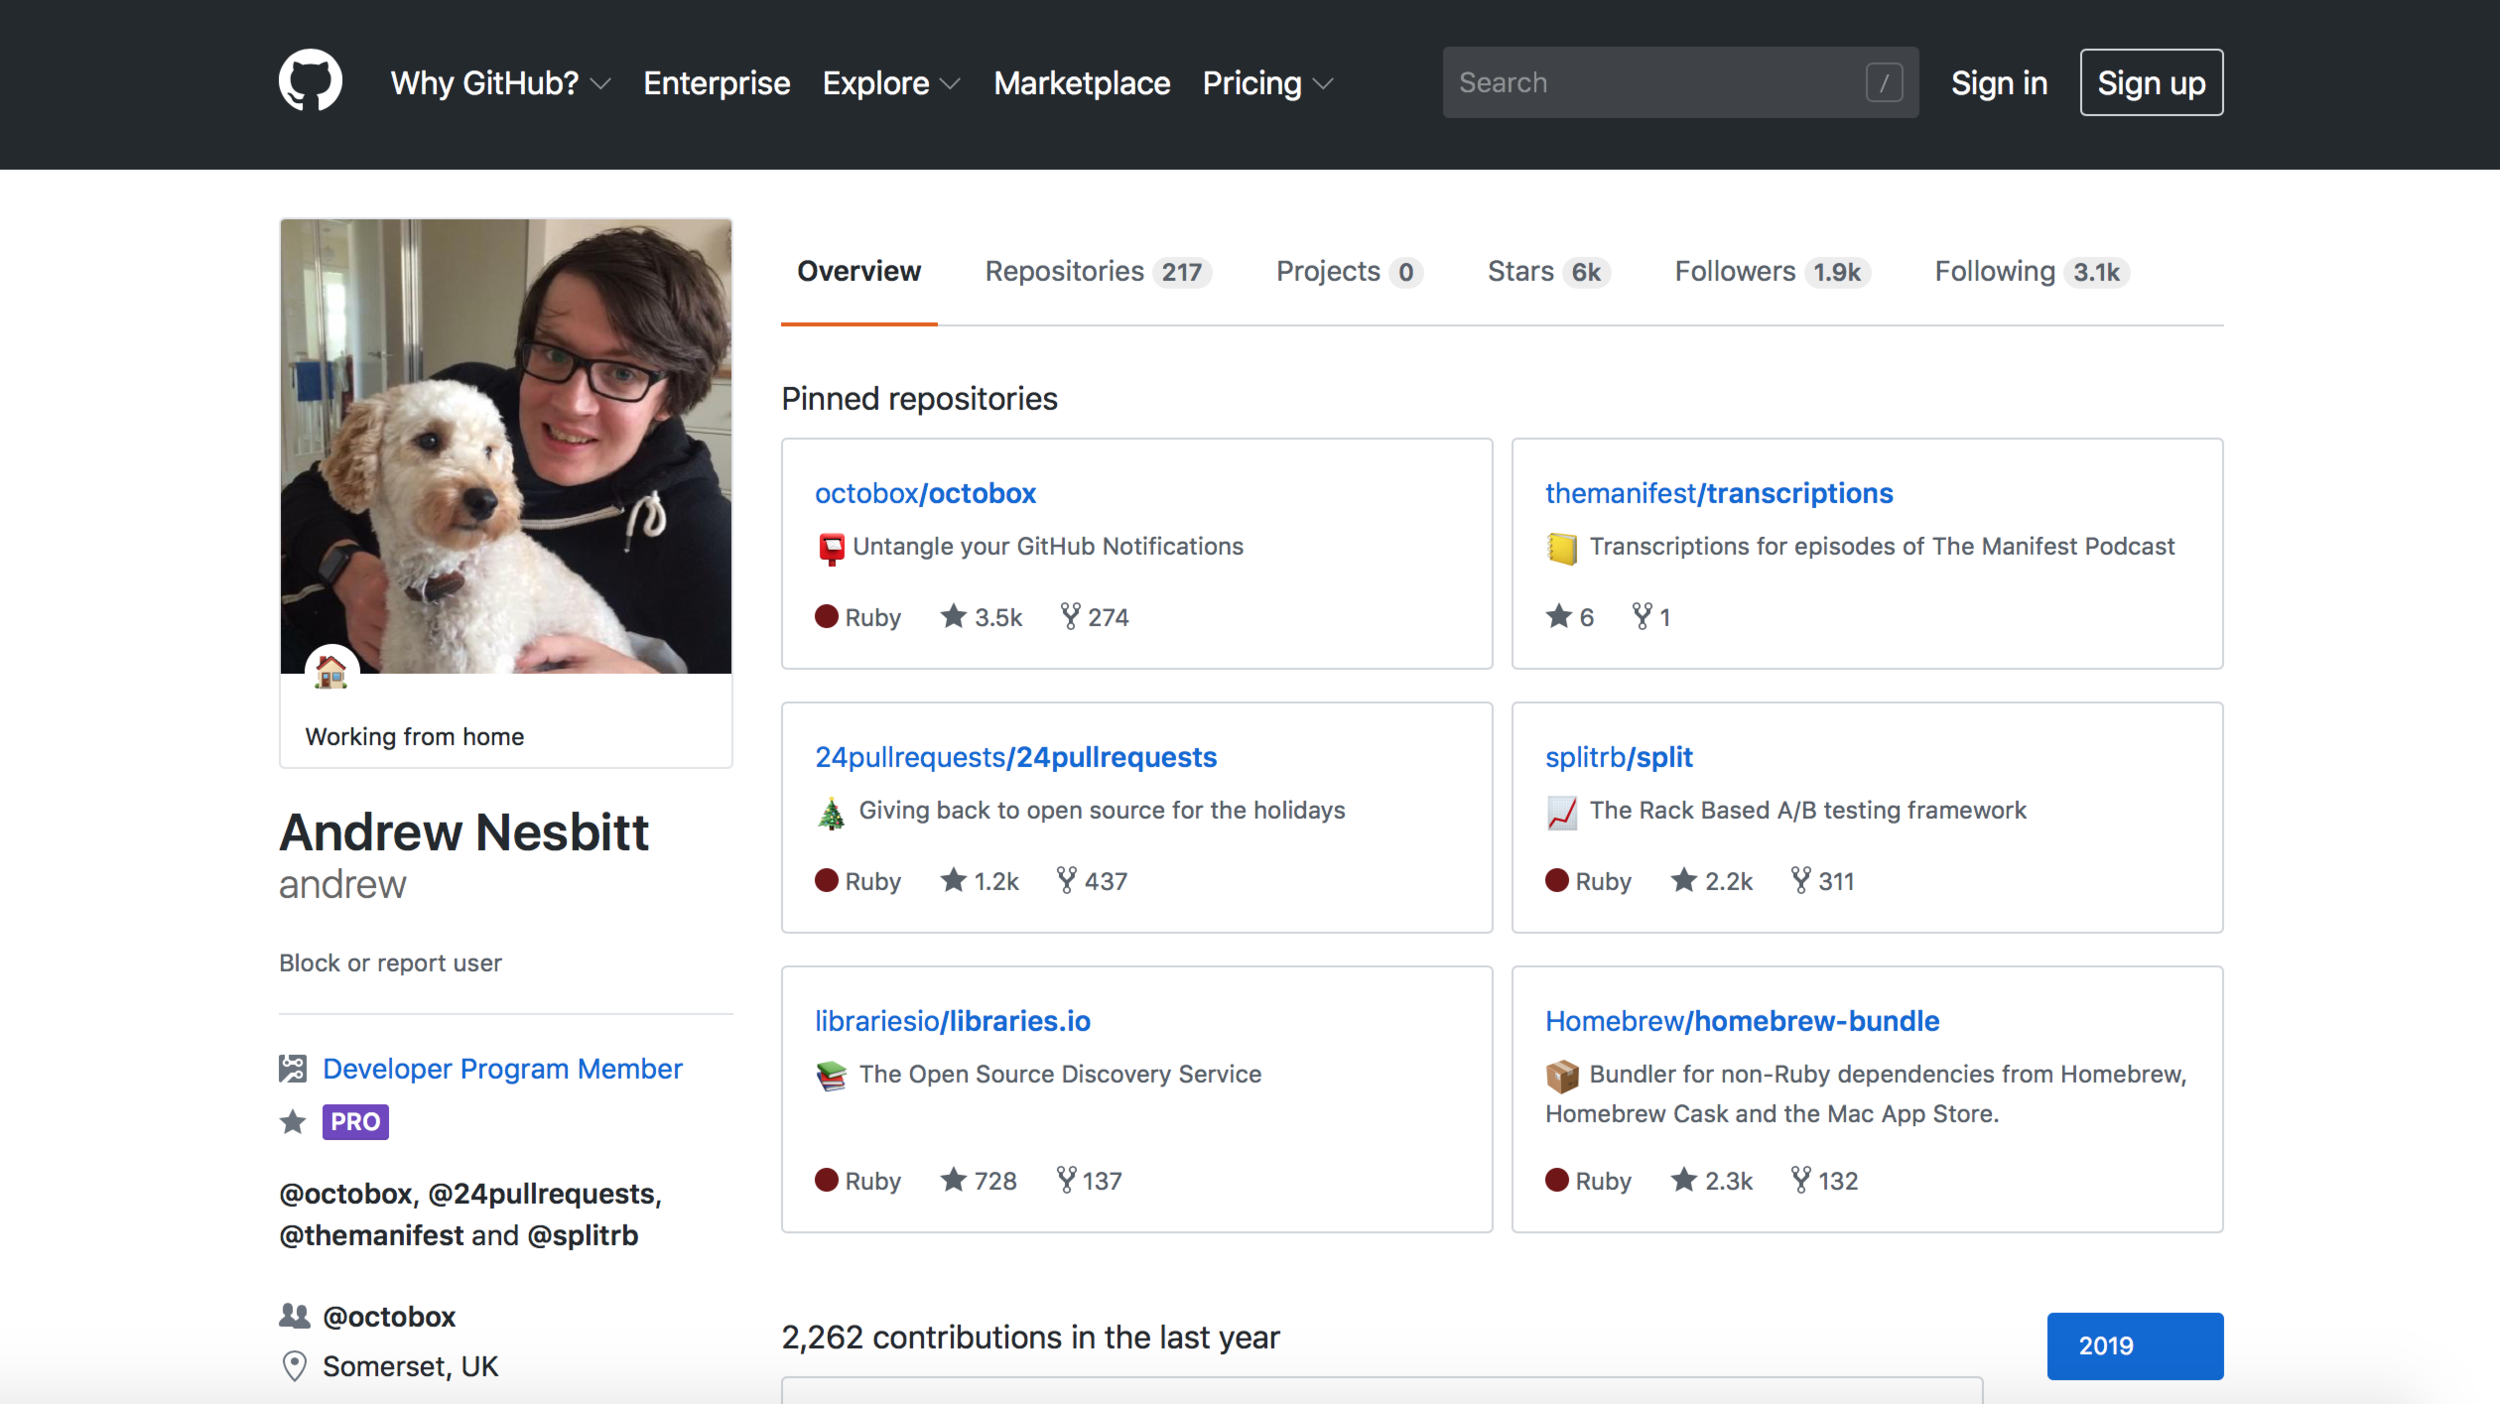 Andrew Nesbitt Most Active GitHub developers